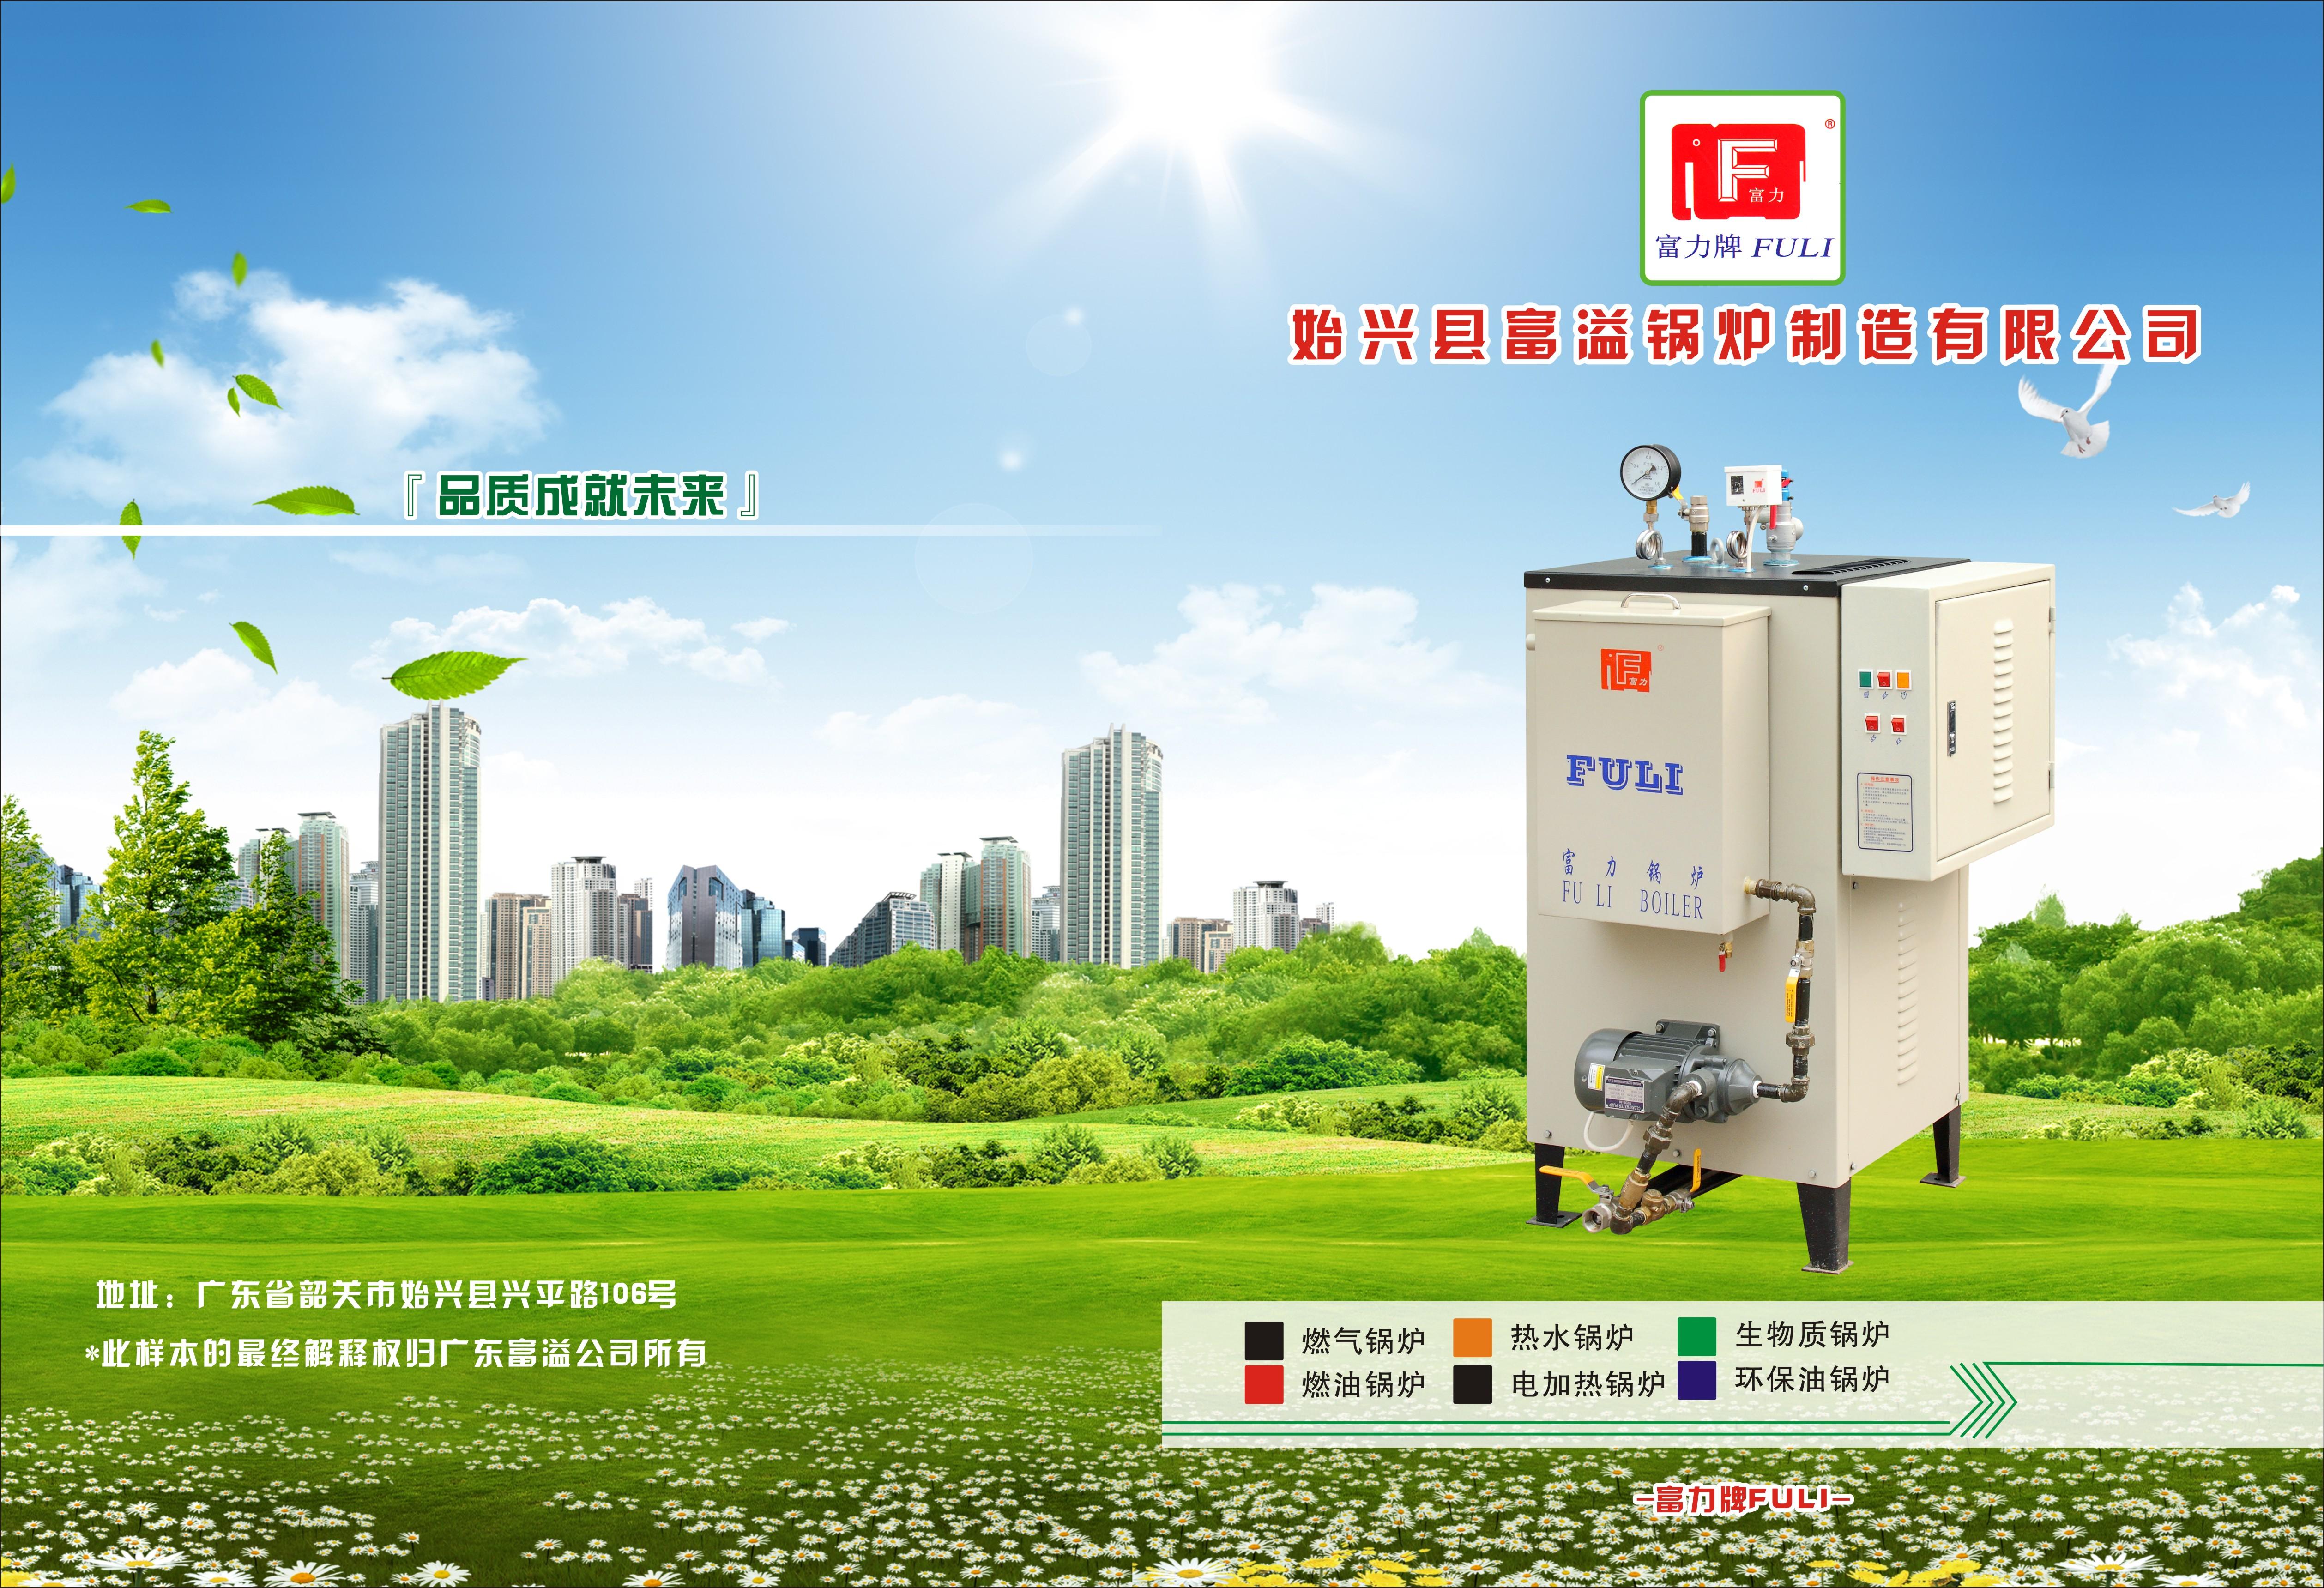 富力200公斤干洗机烘干机水洗机配套使用燃油燃气蒸汽锅炉蒸发器